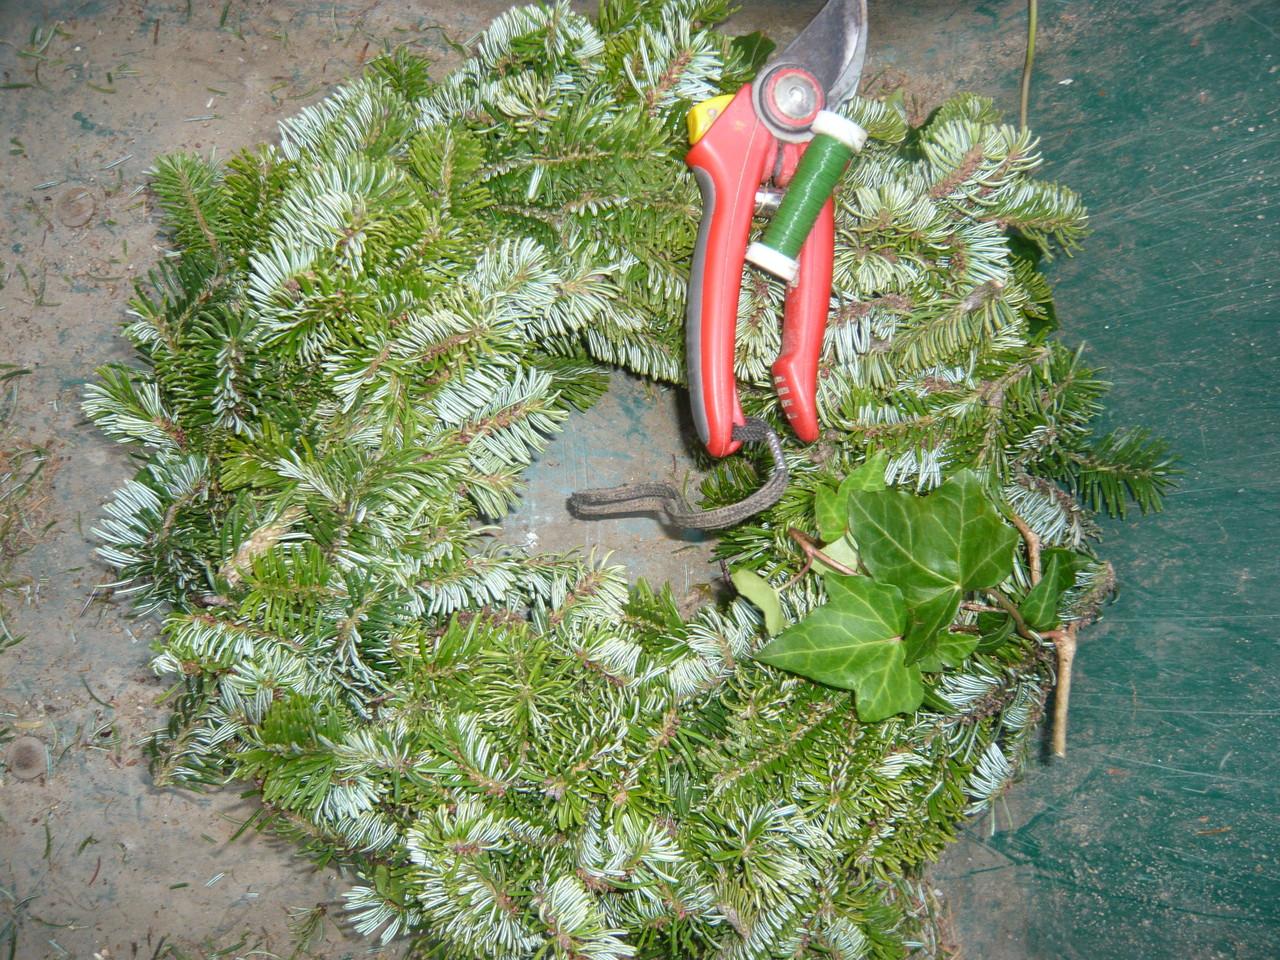 grundkranz bestehend aus: strohreif, fichtenzweige, efeu und grüner basteldraht